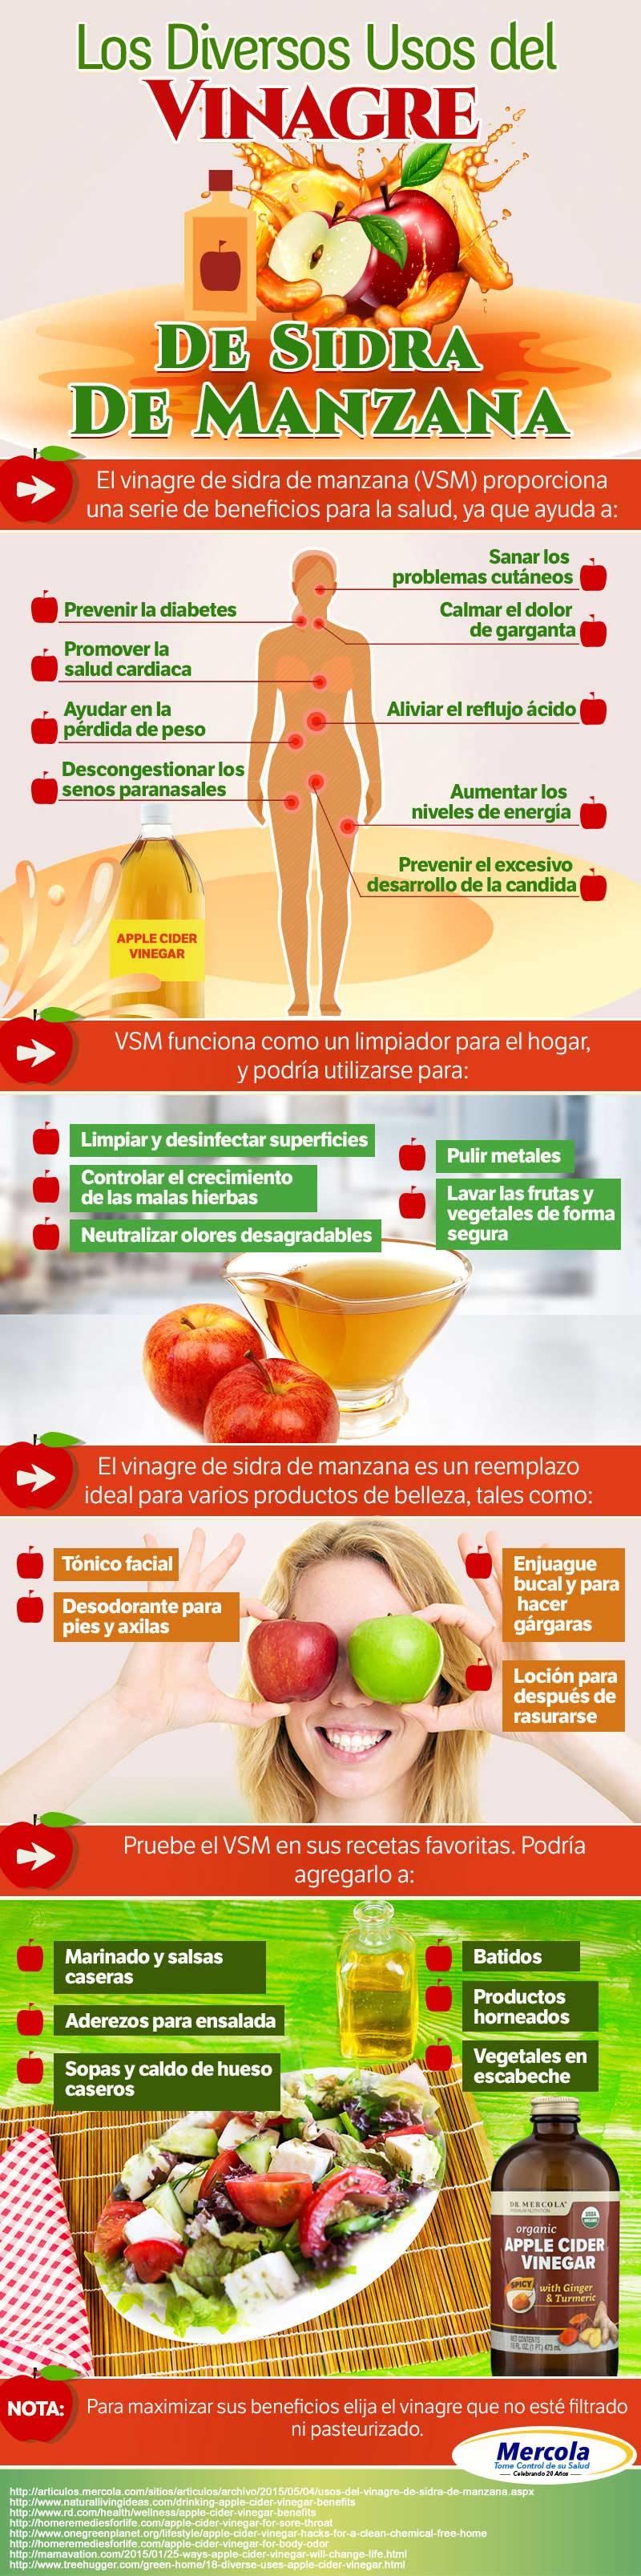 Los Diversos Usos del Vinagre de Sidra de Manzana